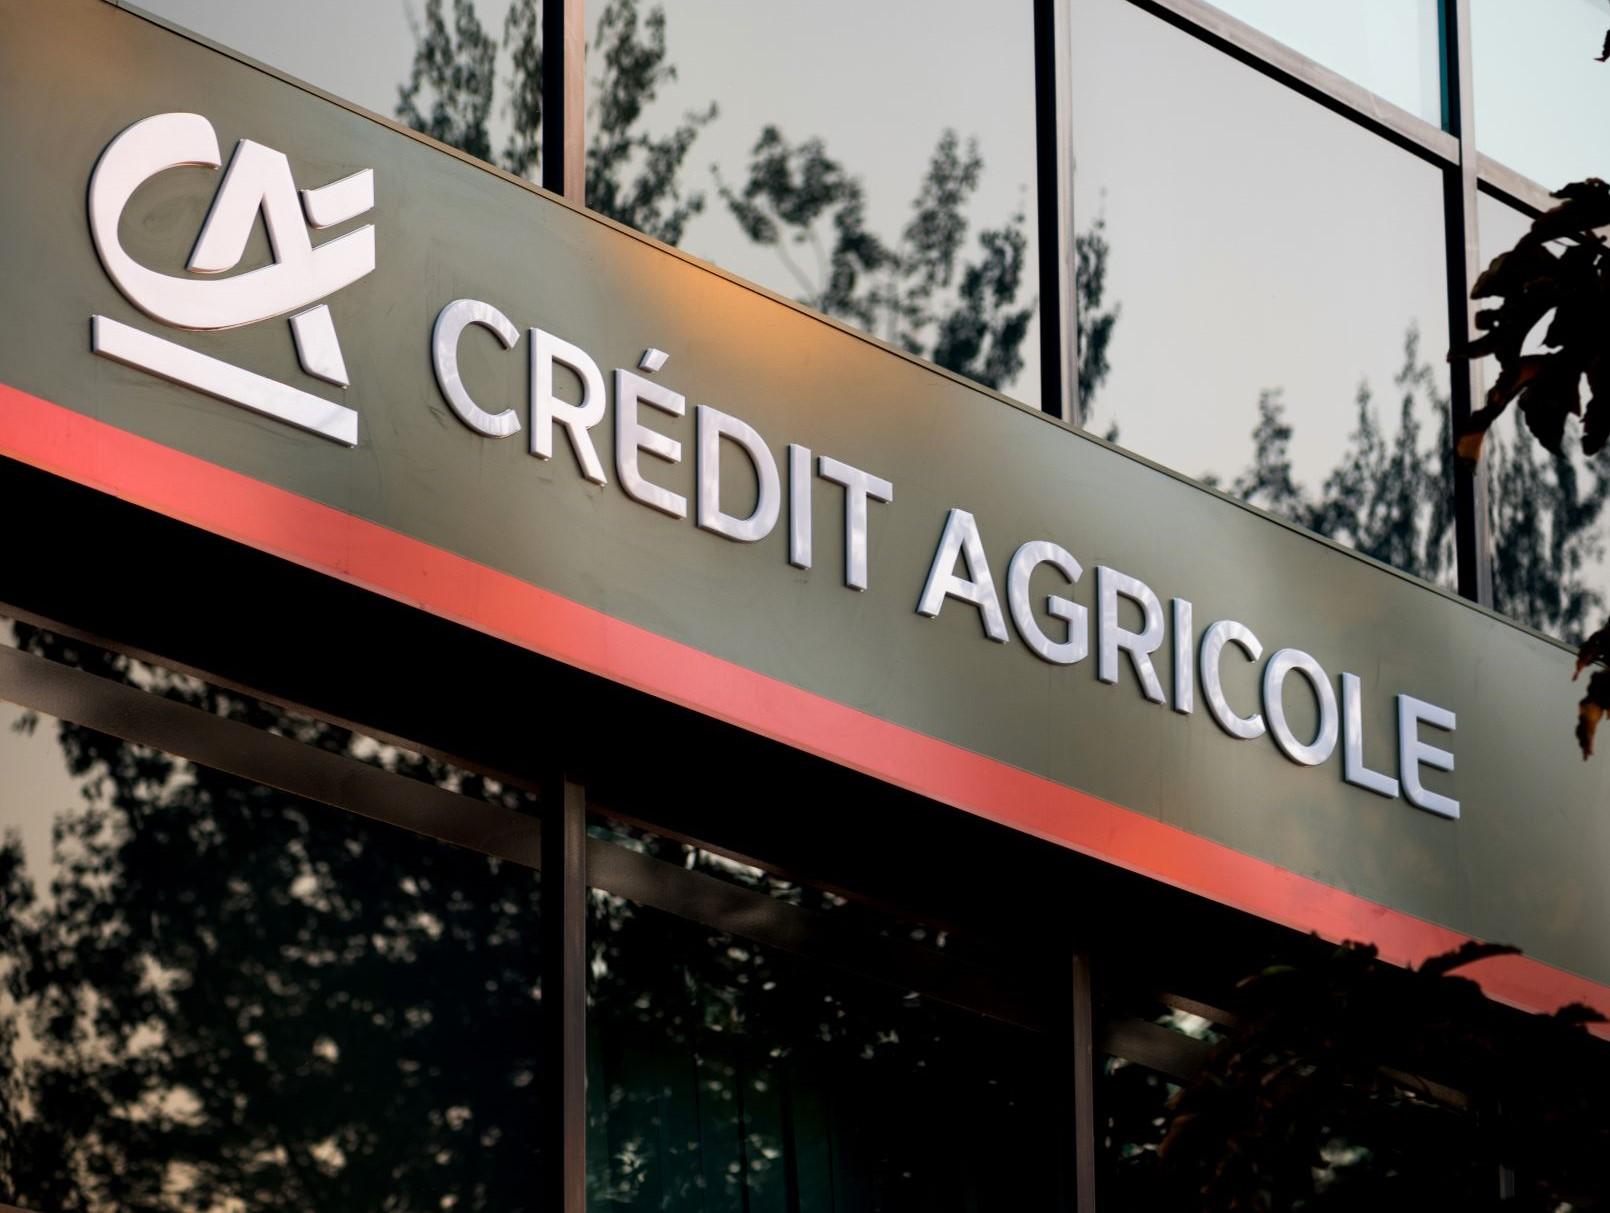 Crédit Agricole banka nastavlja ulaganje u agrarni sektor kao zamajac domaće ekonomije